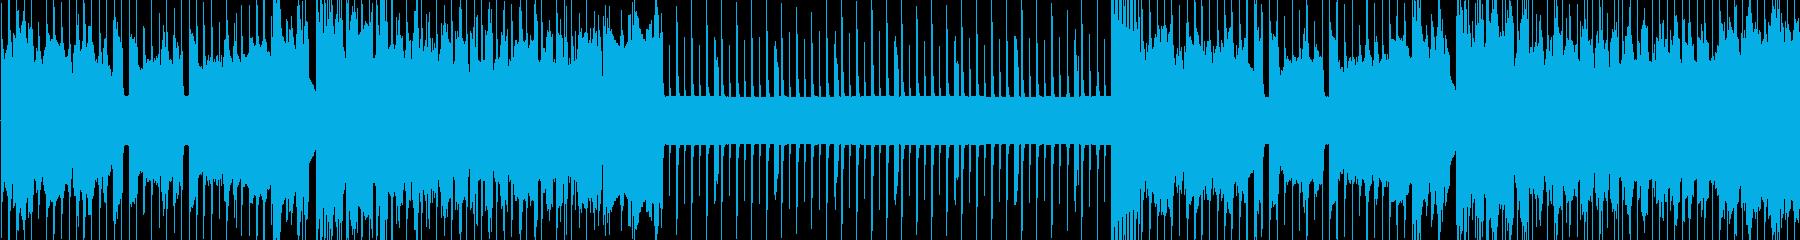 8bit戦闘BGM【ループ】の再生済みの波形